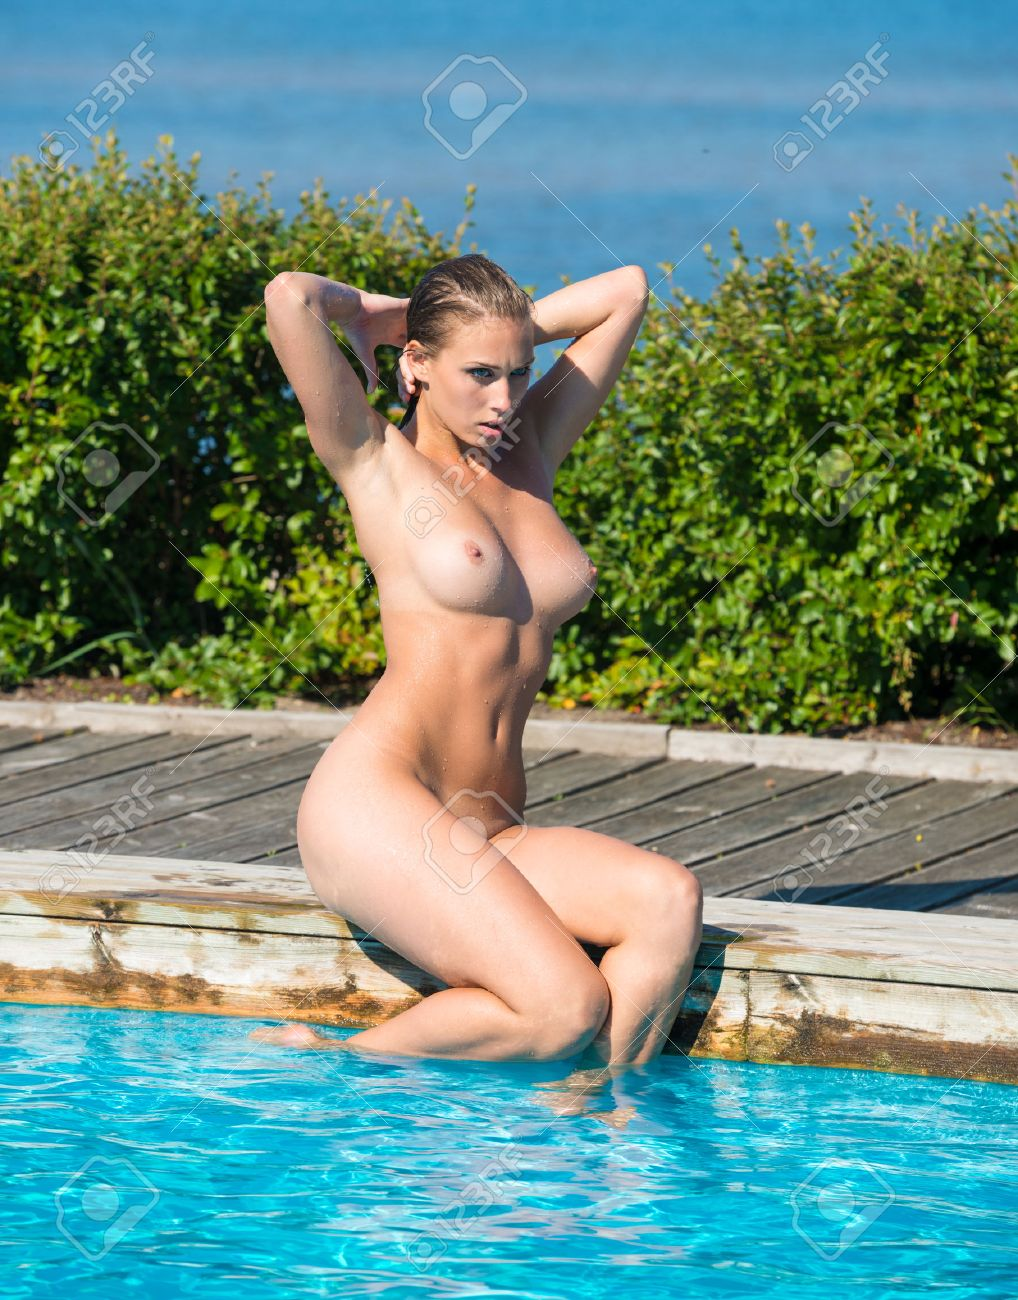 Jeune femme nue à la piscine